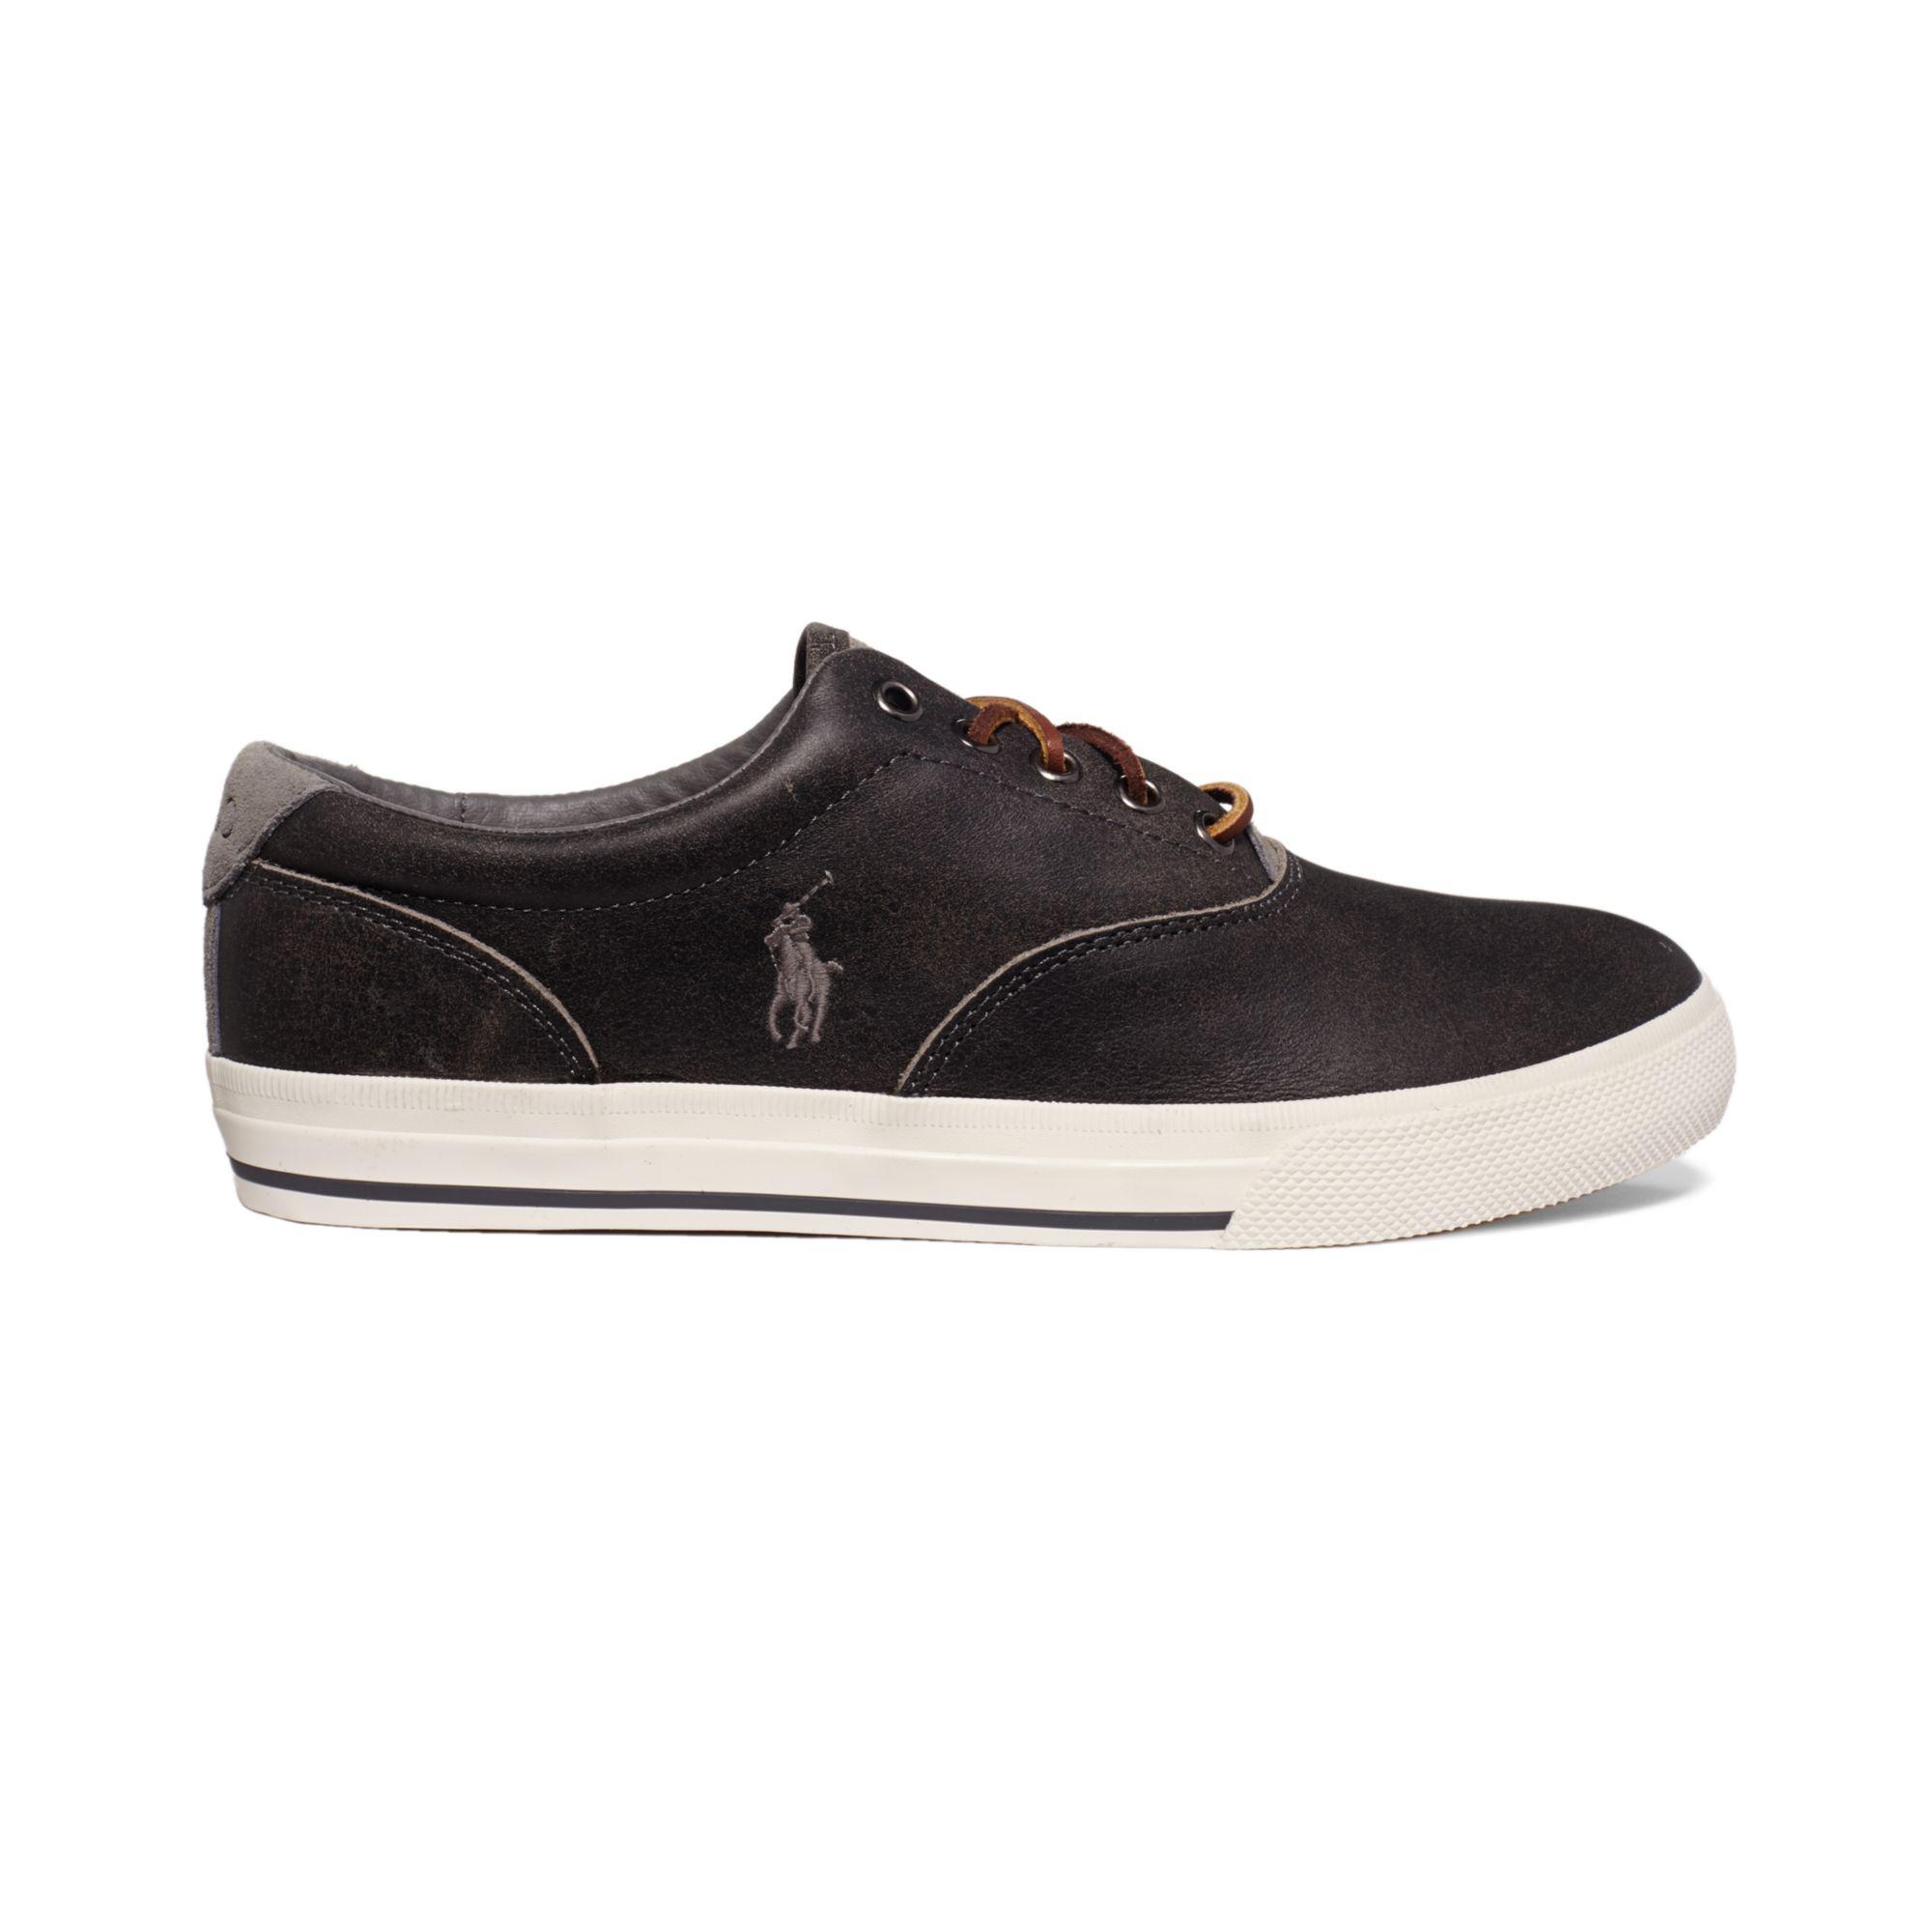 ralph lauren vaughn sneakers in black for men lyst. Black Bedroom Furniture Sets. Home Design Ideas